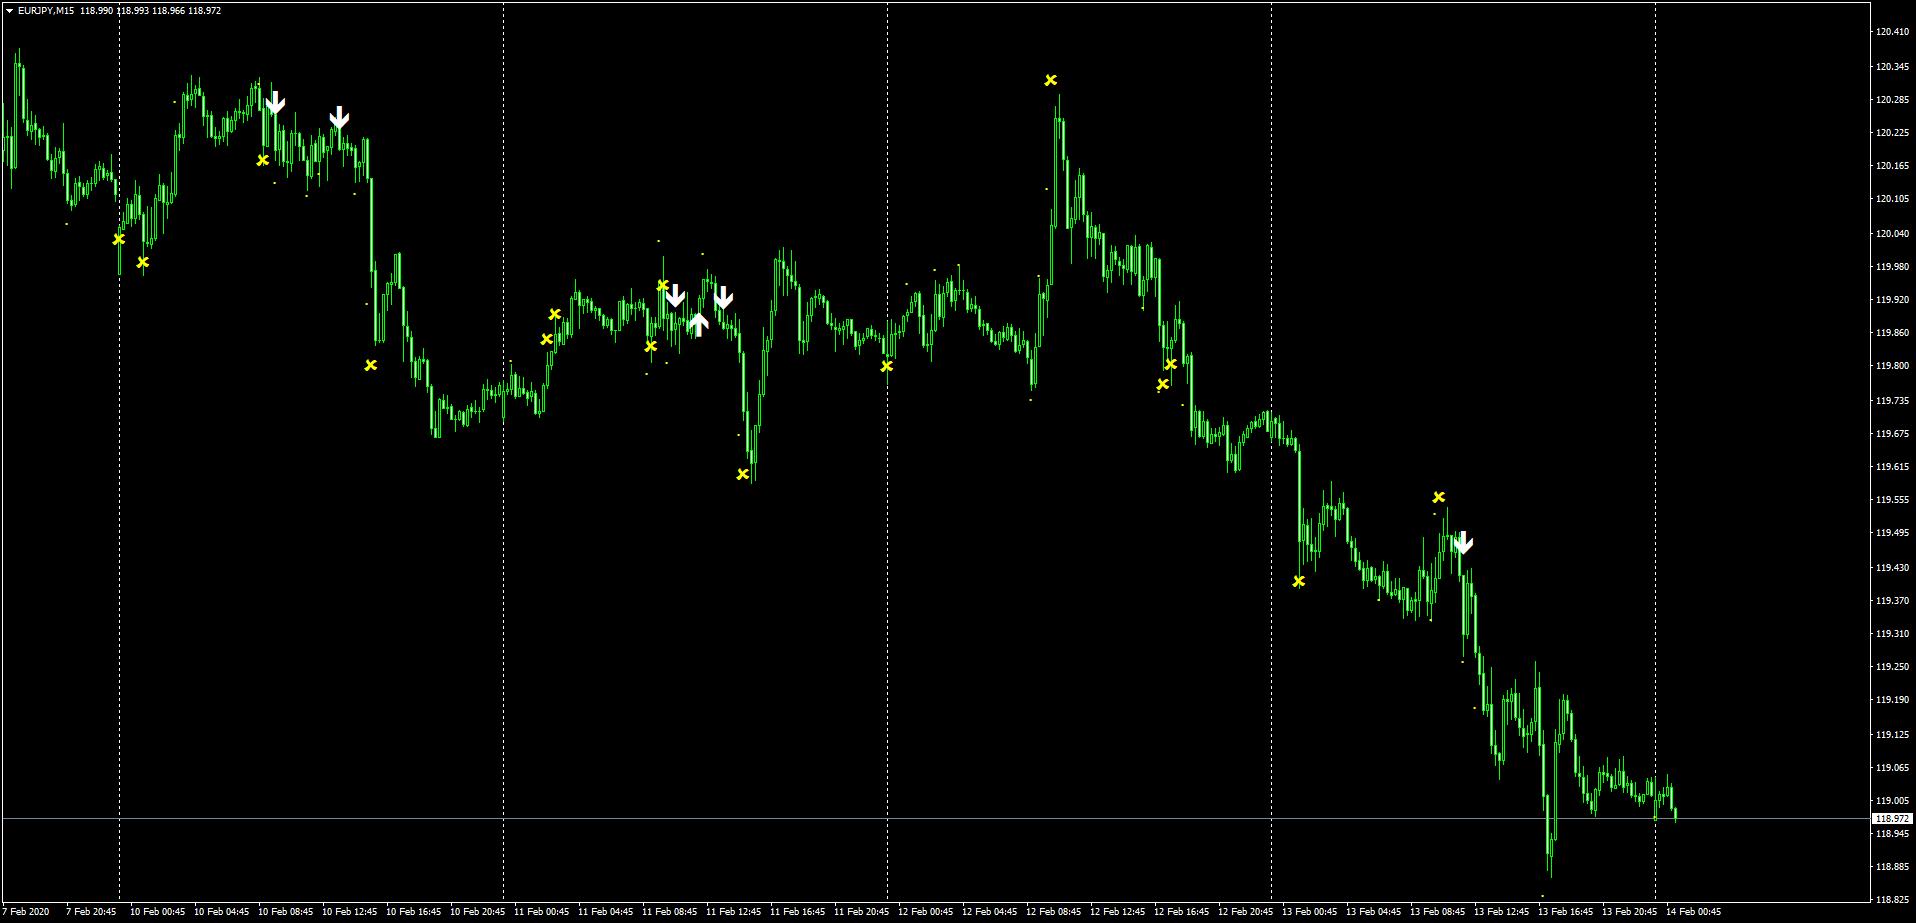 ユーロ円の2月10日~14日までのSindyサイン状況